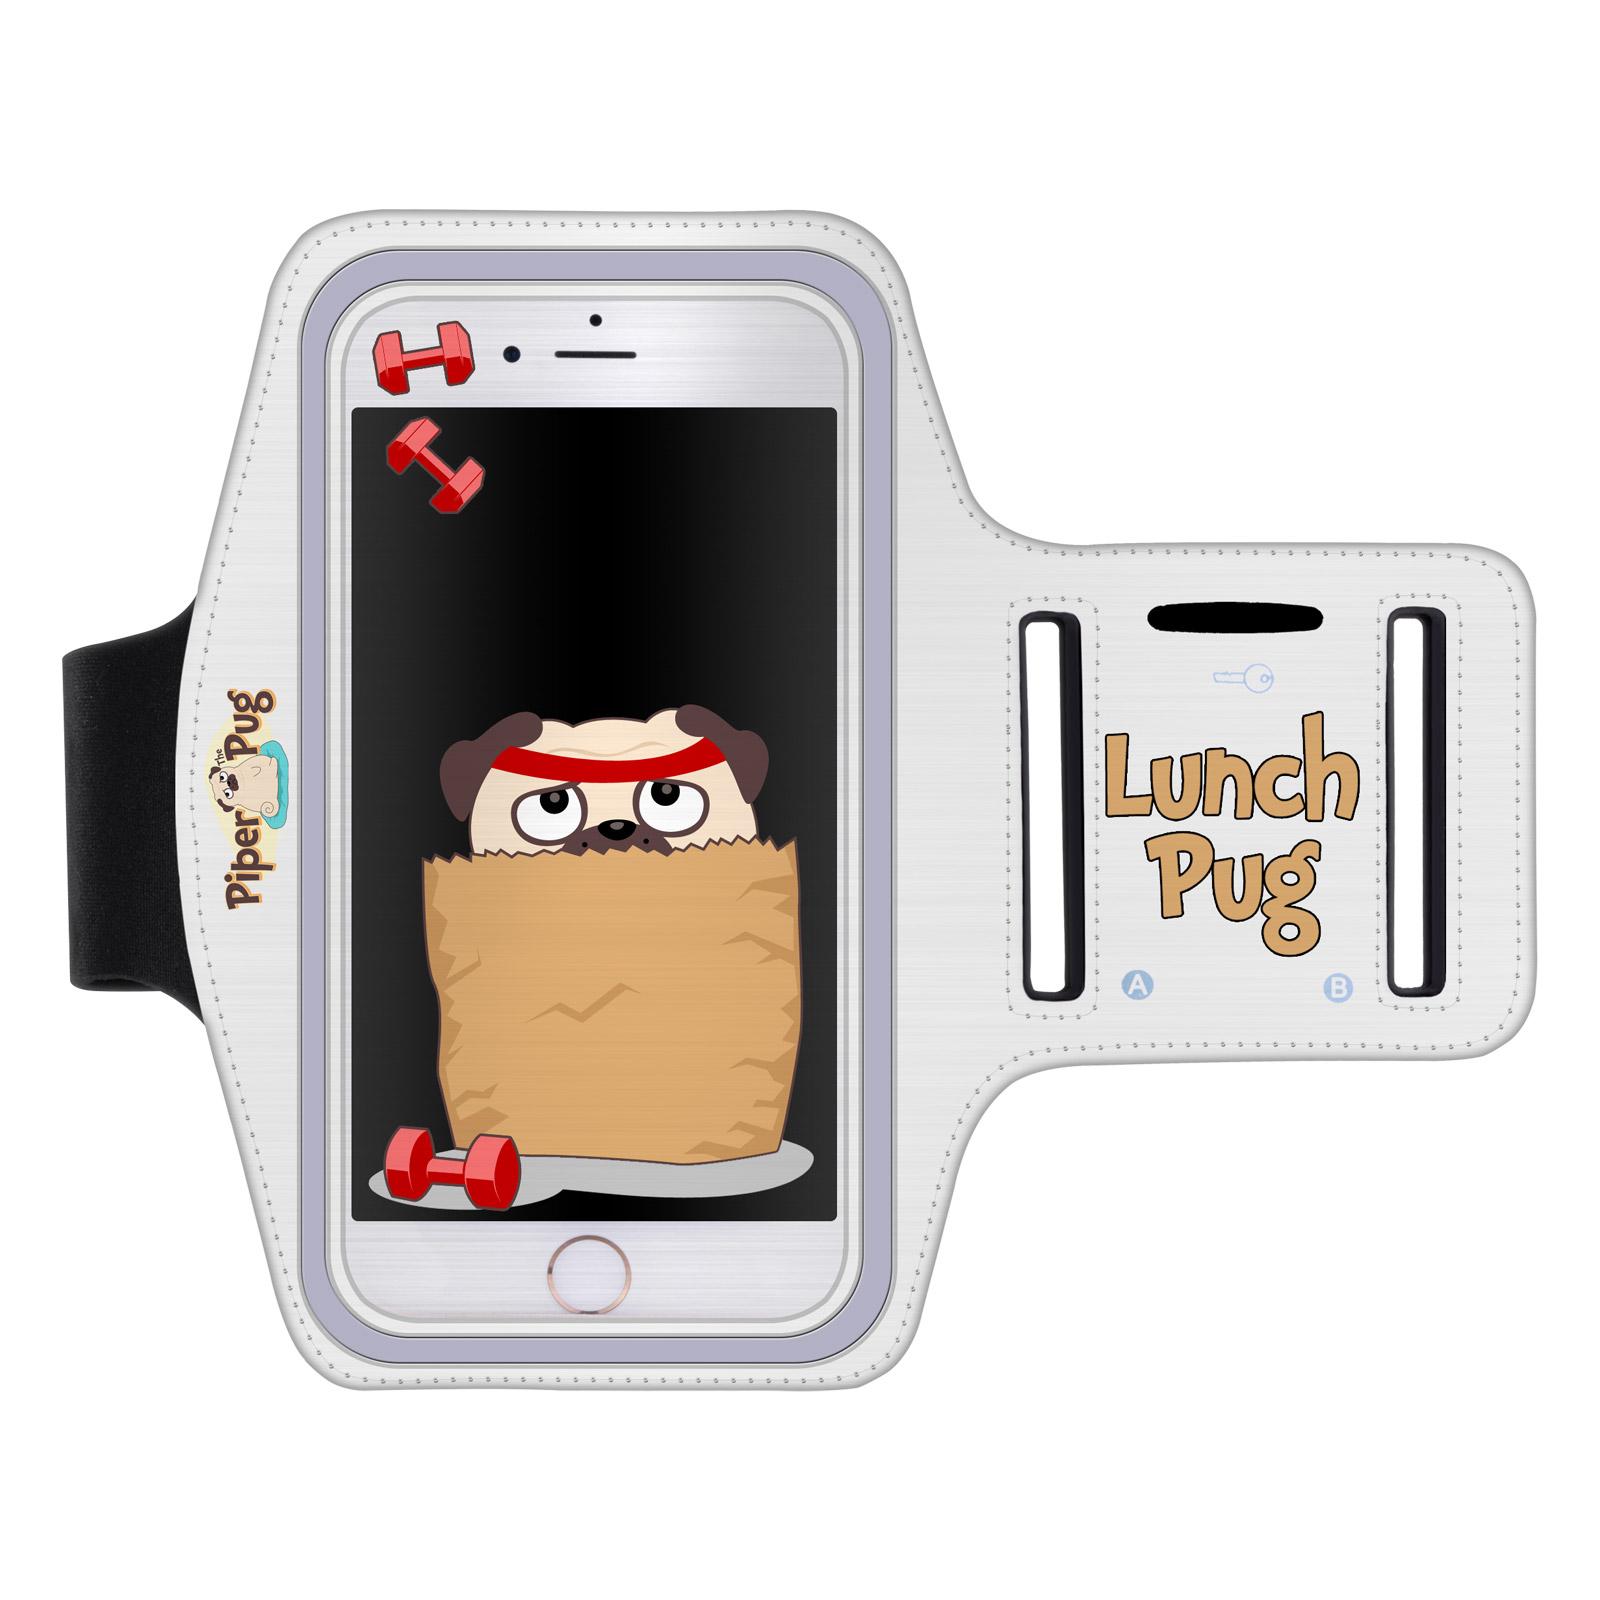 """Sportovní pouzdro LUNCH PUG pro mobily do 5,5"""" iPhone 6 Plus/ S7 Edge bílé (Pouzdro na běhání pro mobilní telefony do 5,5 palců)"""